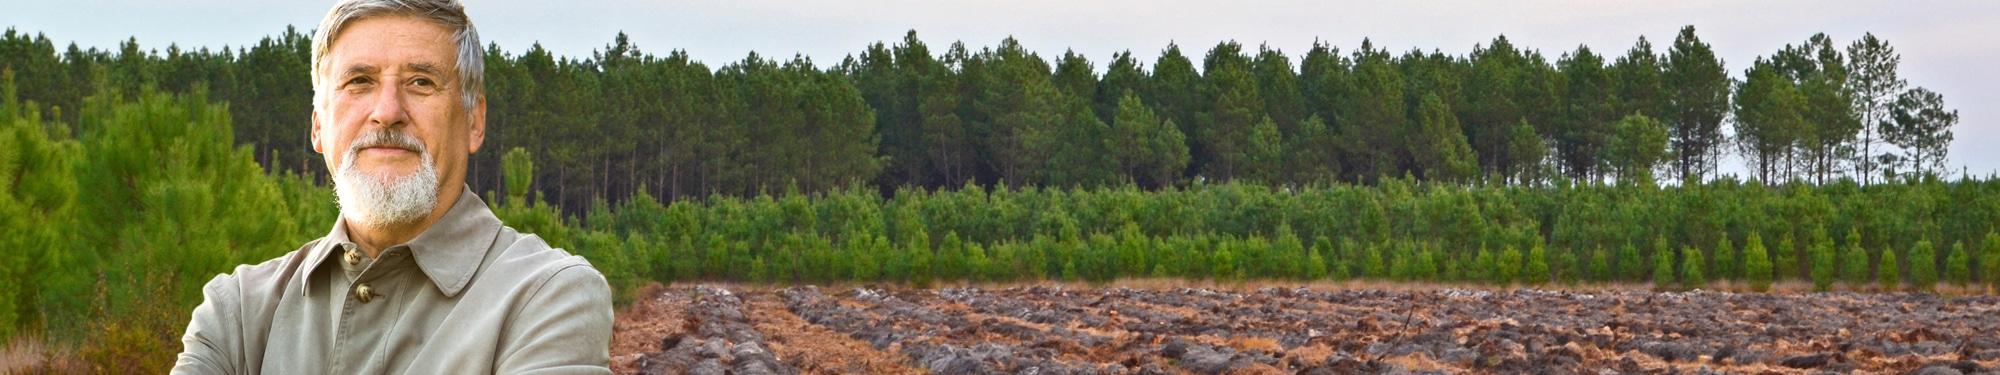 Alliance For u00eats Bois Travaux de sylviculture # Fiscalité Bois Et Forêts